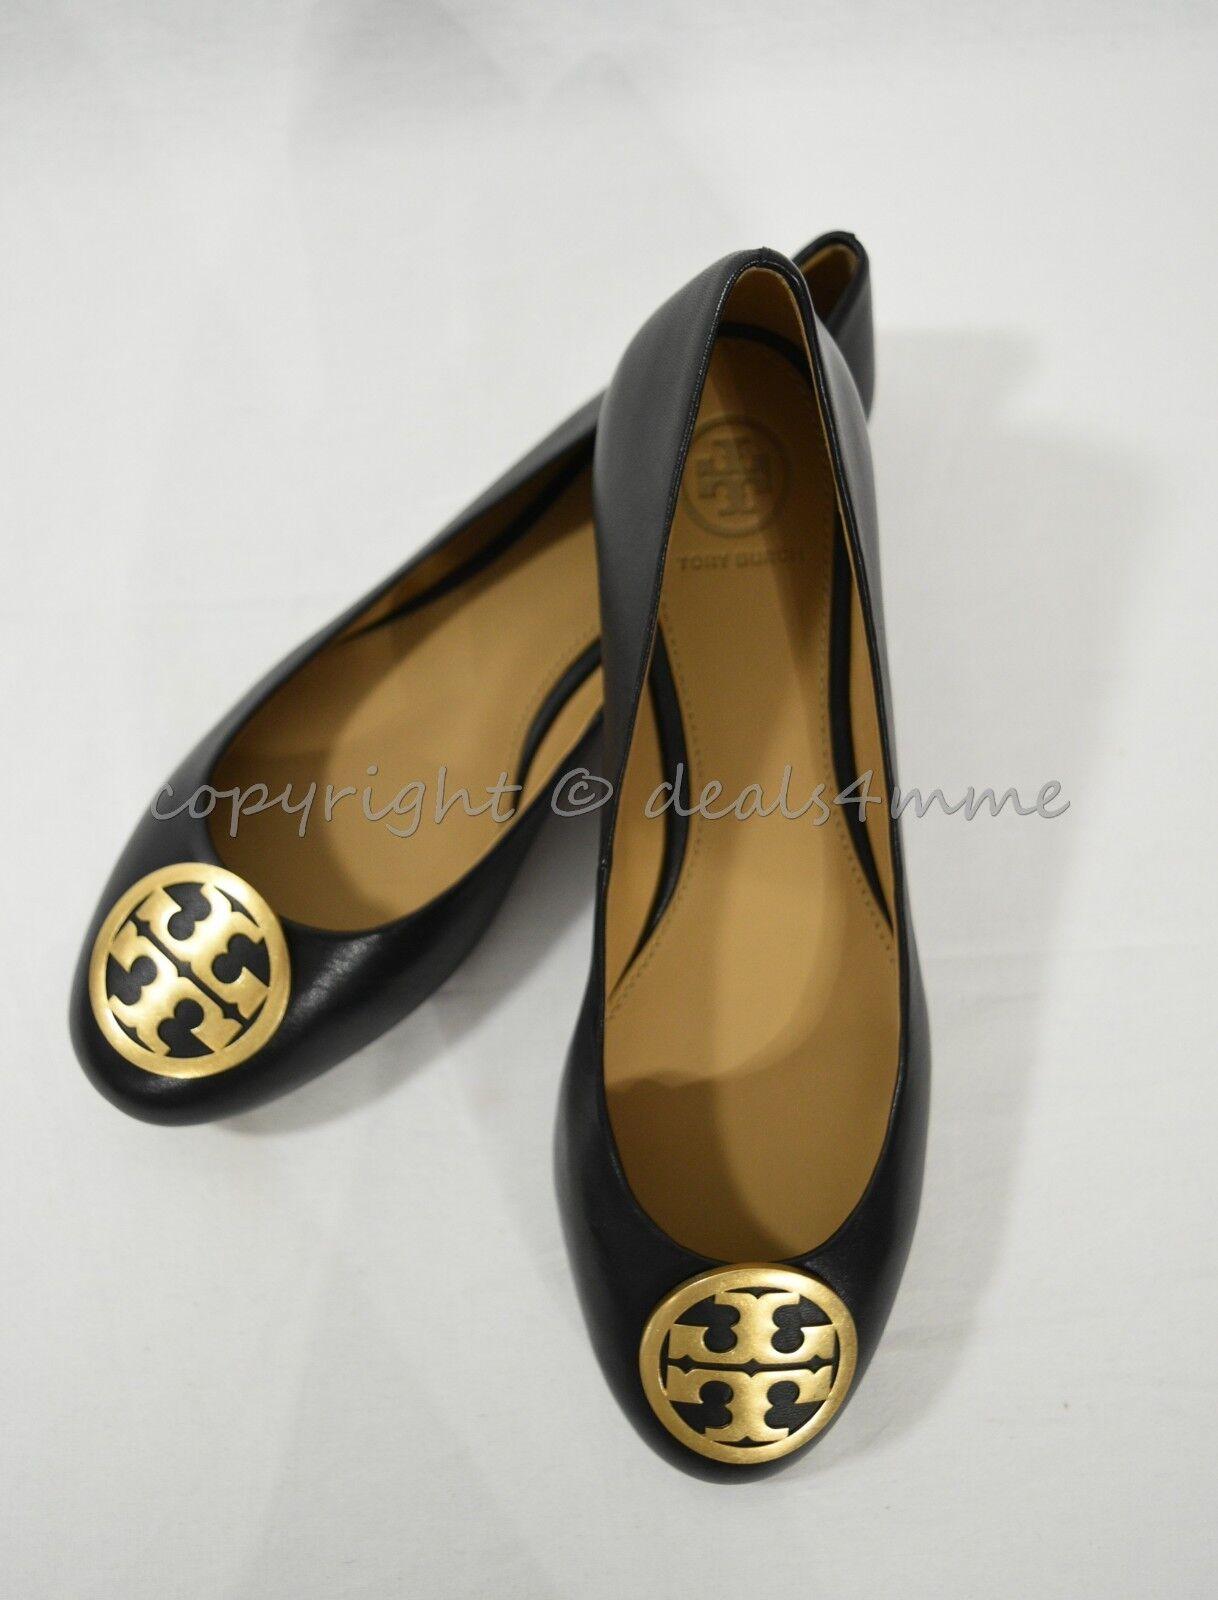 Nuevo En En En Caja 52785 Estilo Tory Burch Zapatos Planos Ballet Benton pisos en Negro de Cuero Napa  A la venta con descuento del 70%.